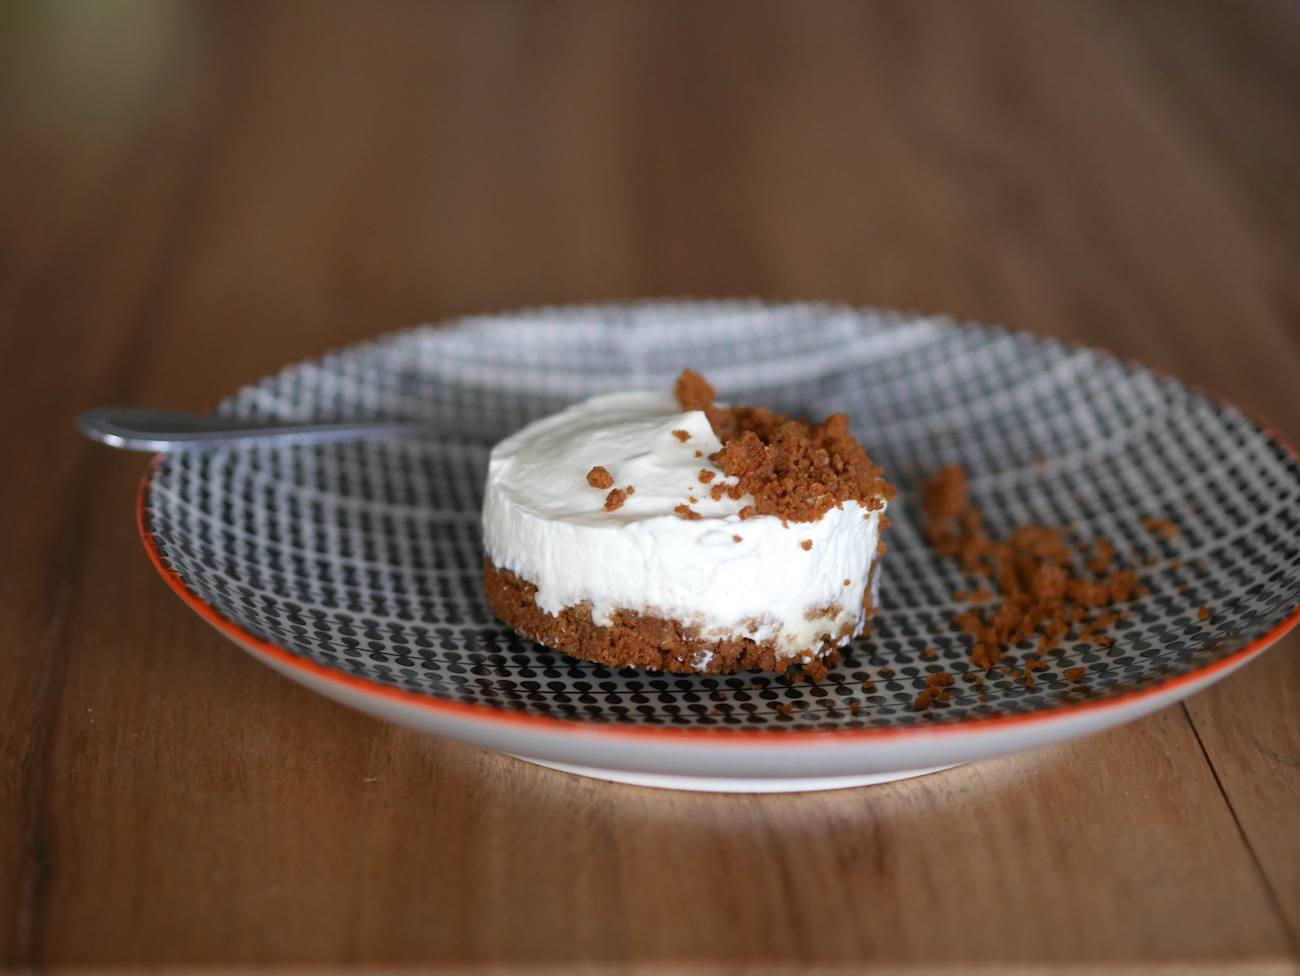 Recette Cheesecake Spéculos - Nolwenn C 6